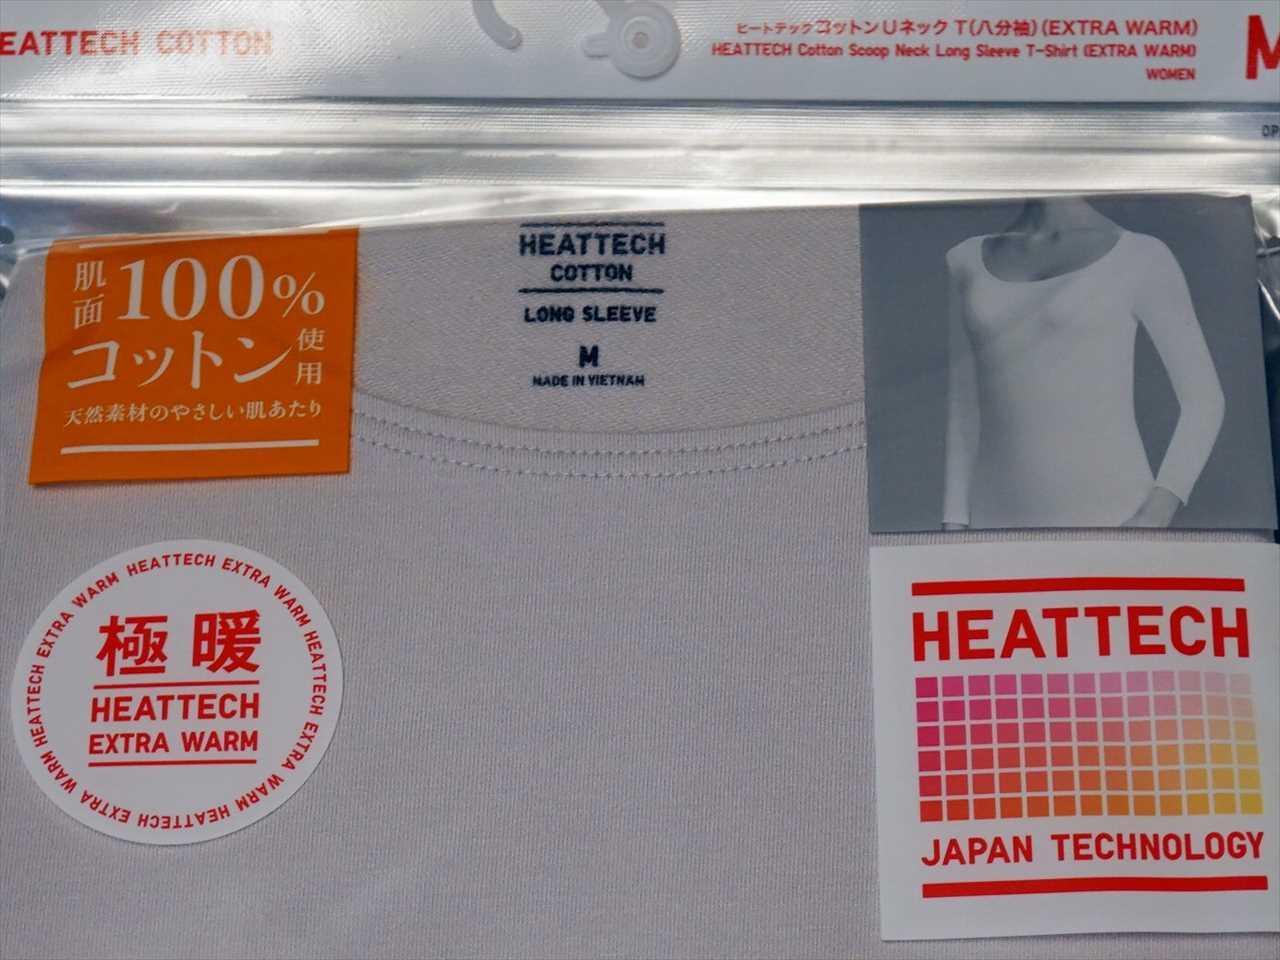 ヒートテック極暖の表の表示「綿100%」だと勘違いします